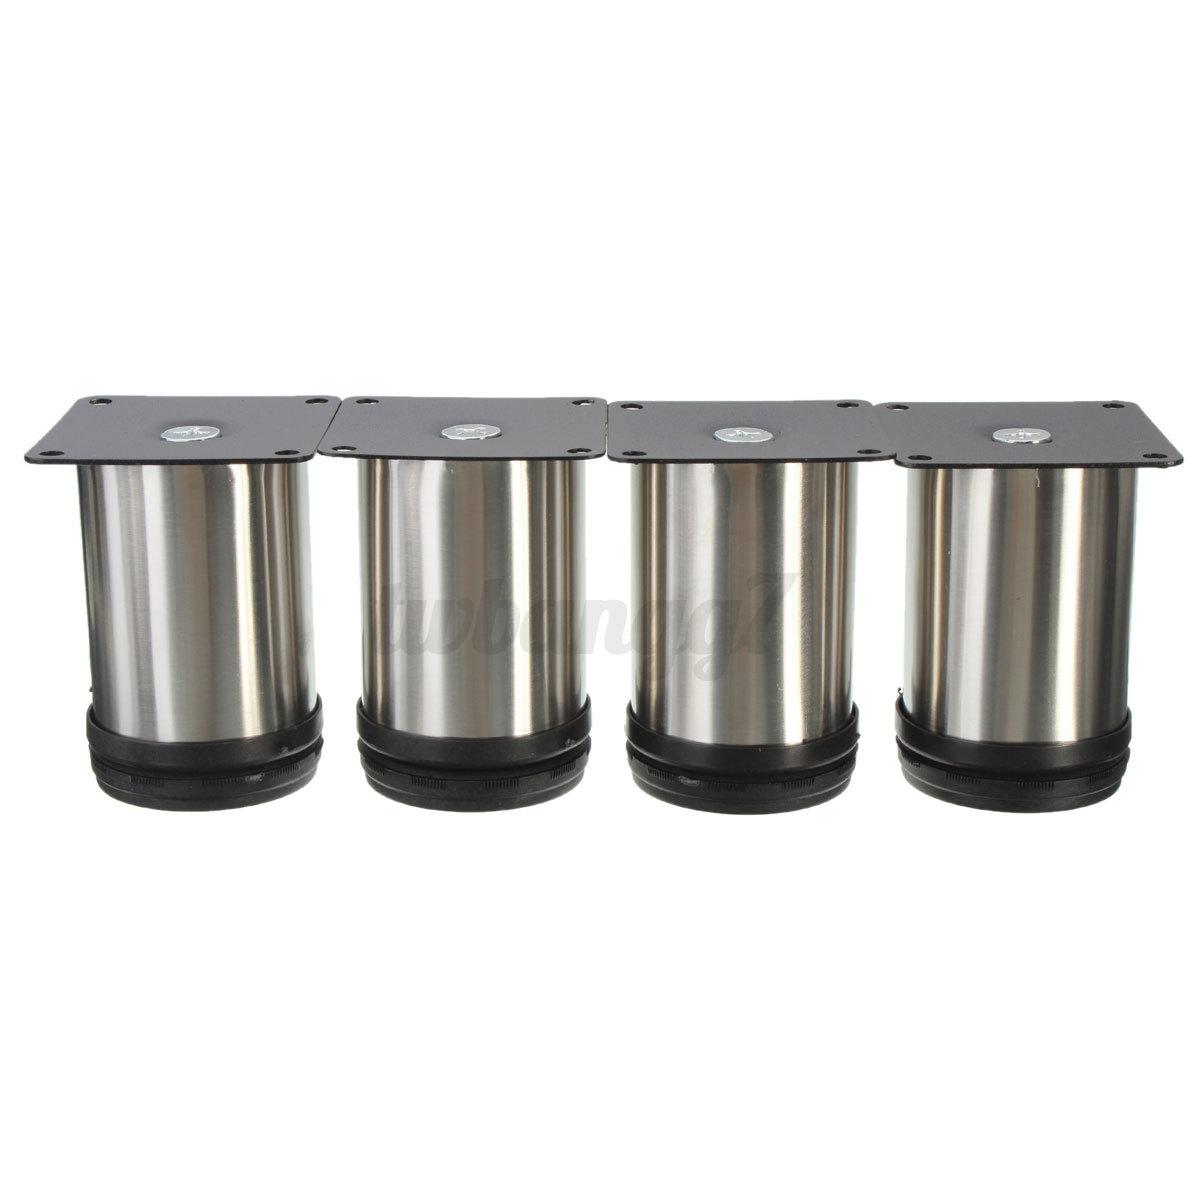 Kitchen Cabinet Feet 4x Adjustable Cabinet Plinth Legs Stainless Steel Kitchen